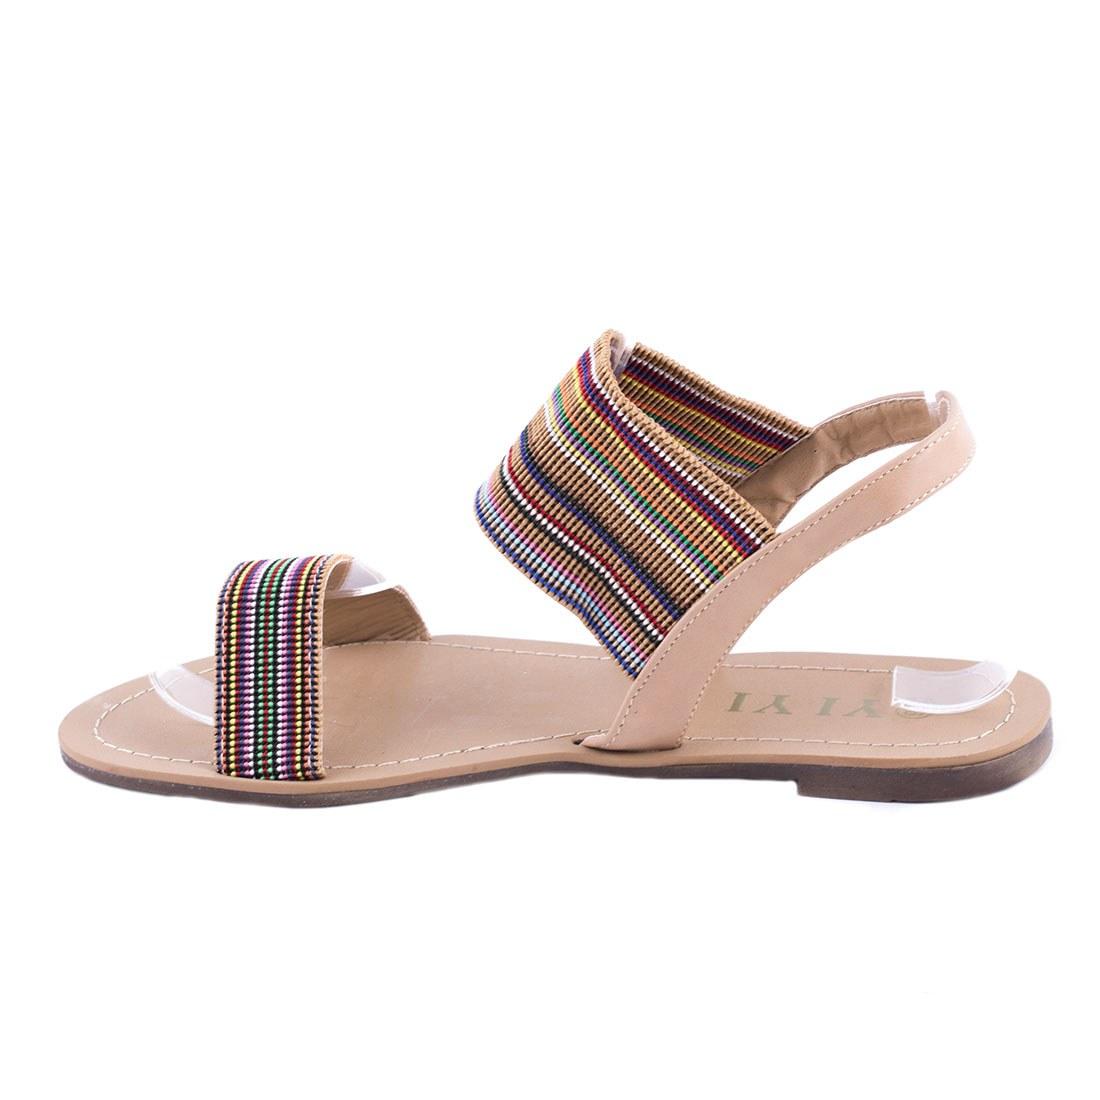 Sandale de dama comode K-59-KAKI